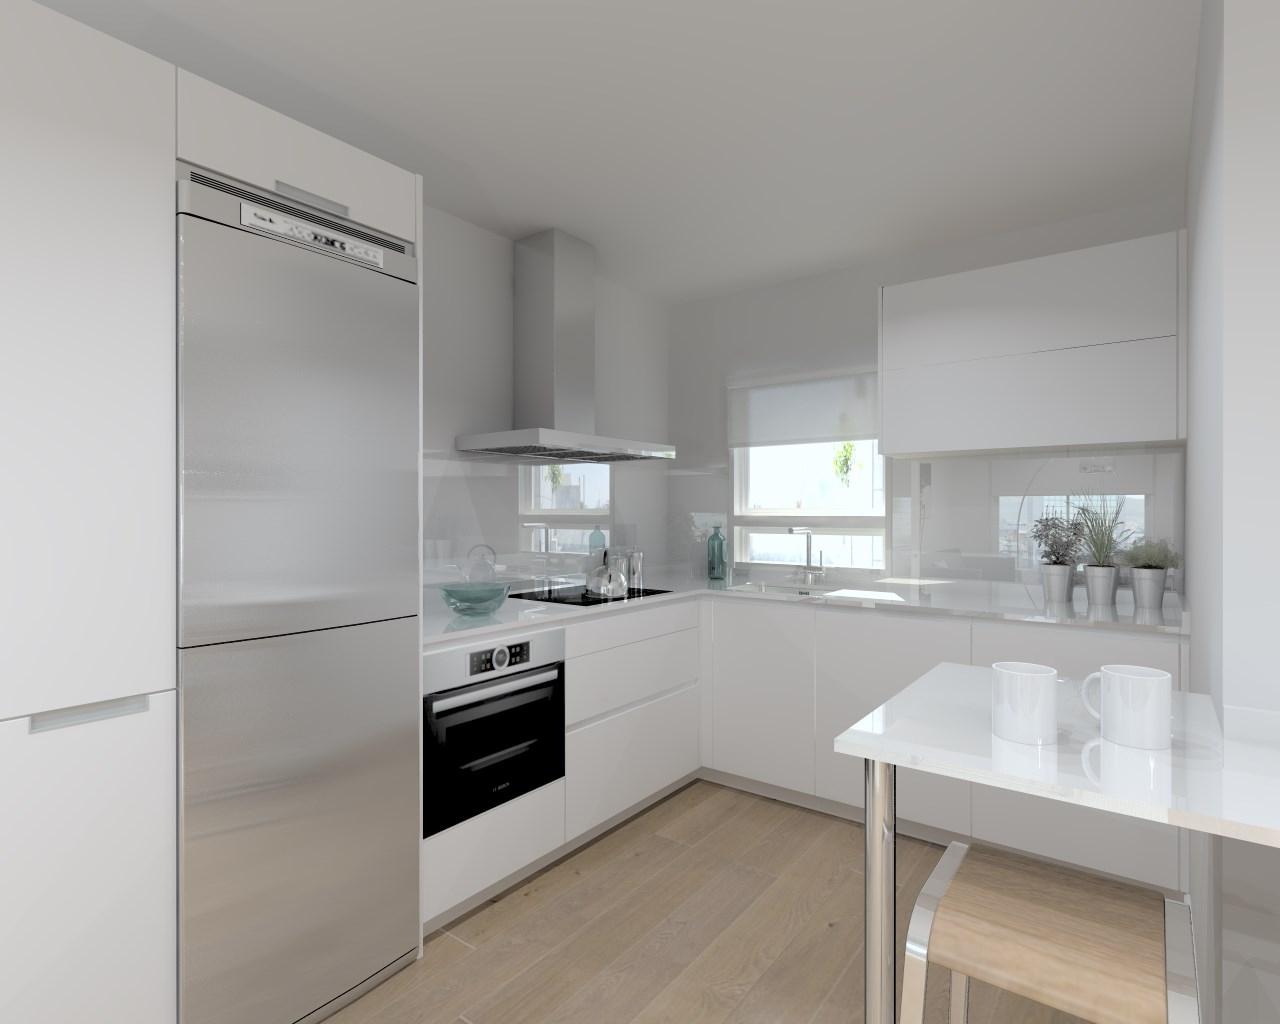 Www silestone com dise a tu cocina casa dise o for Disena tu cocina en linea